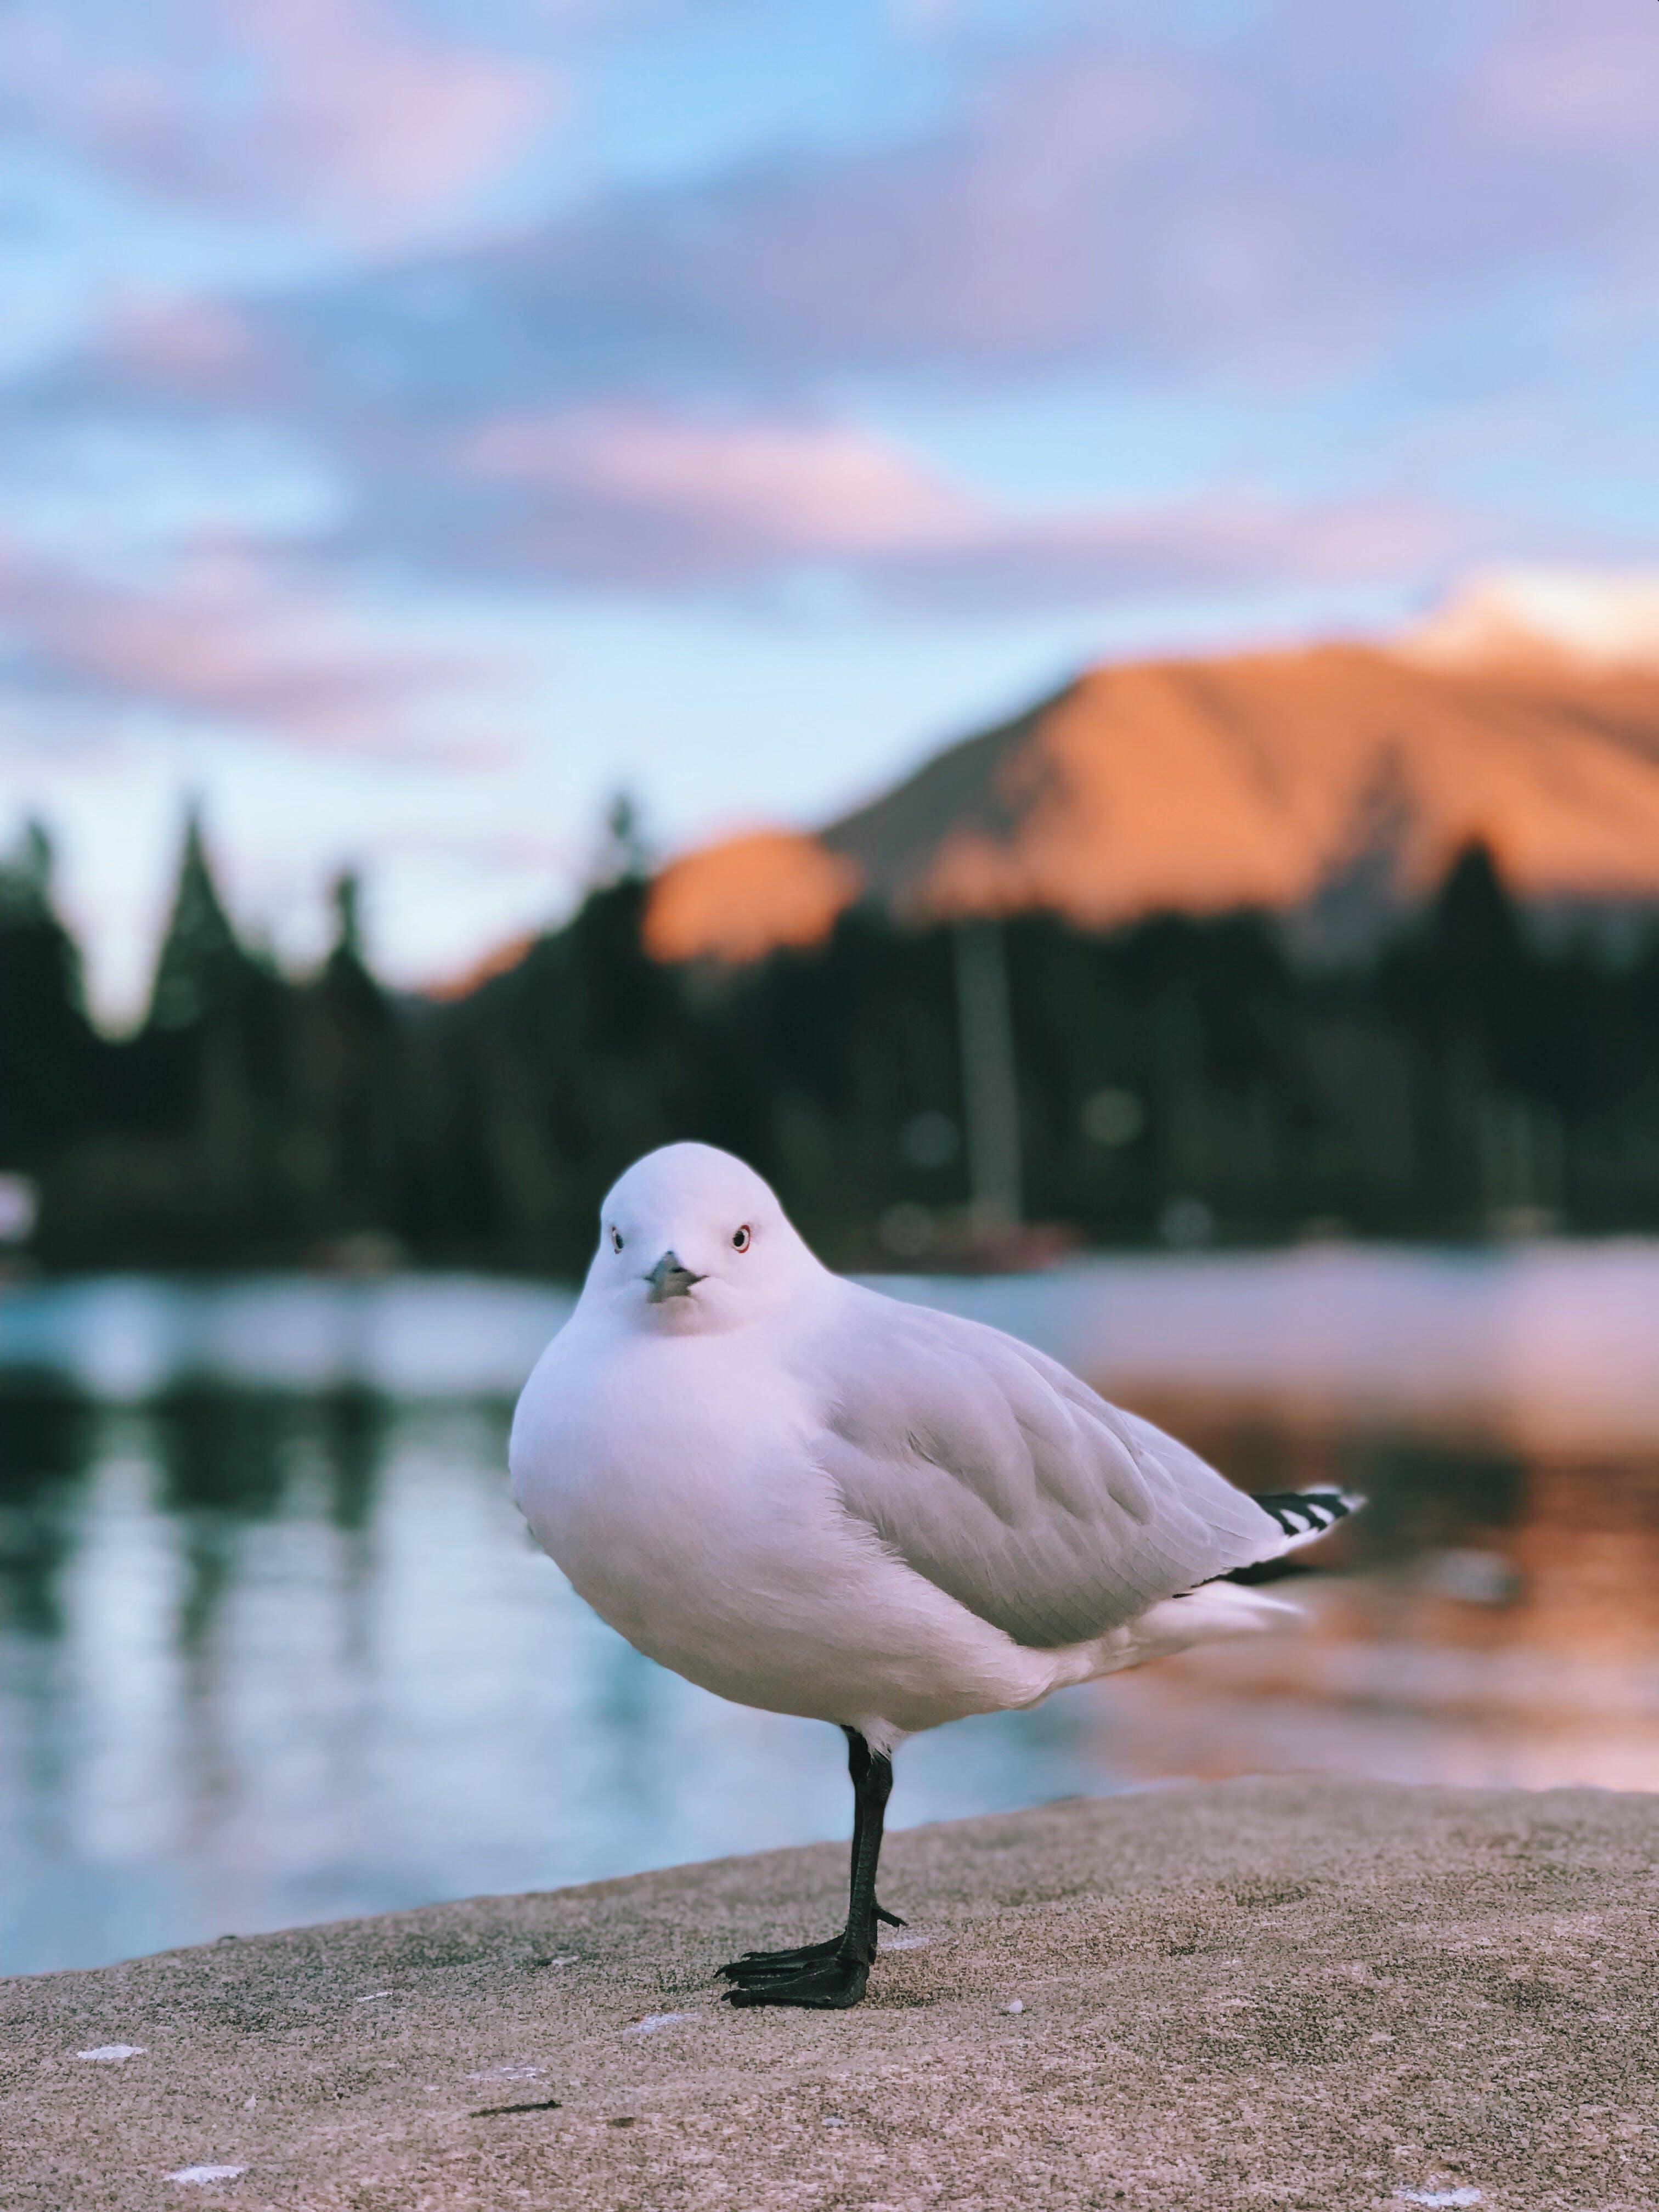 Δωρεάν στοκ φωτογραφιών με άγρια φύση, γλάρος, ζώο